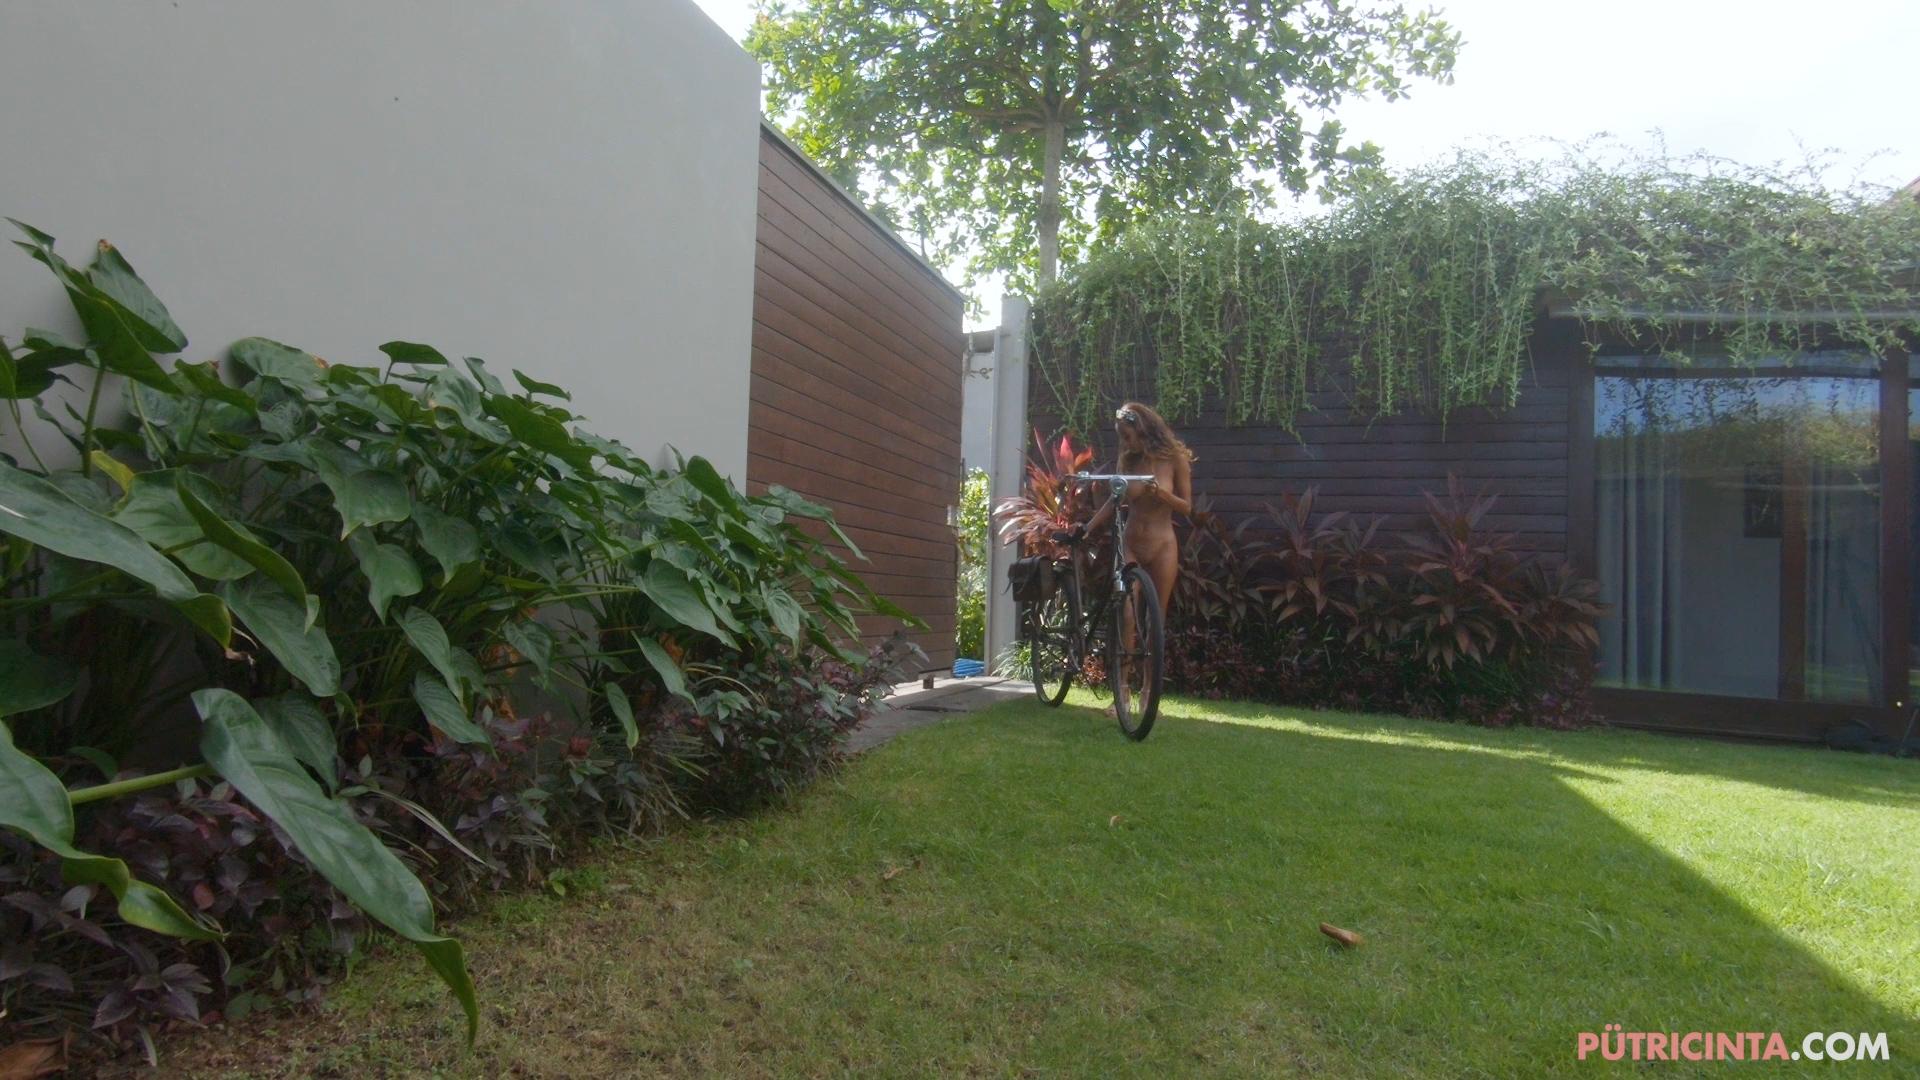 024-cyclingcommando-Putri-Cinta-BTS-stills-26.jpg